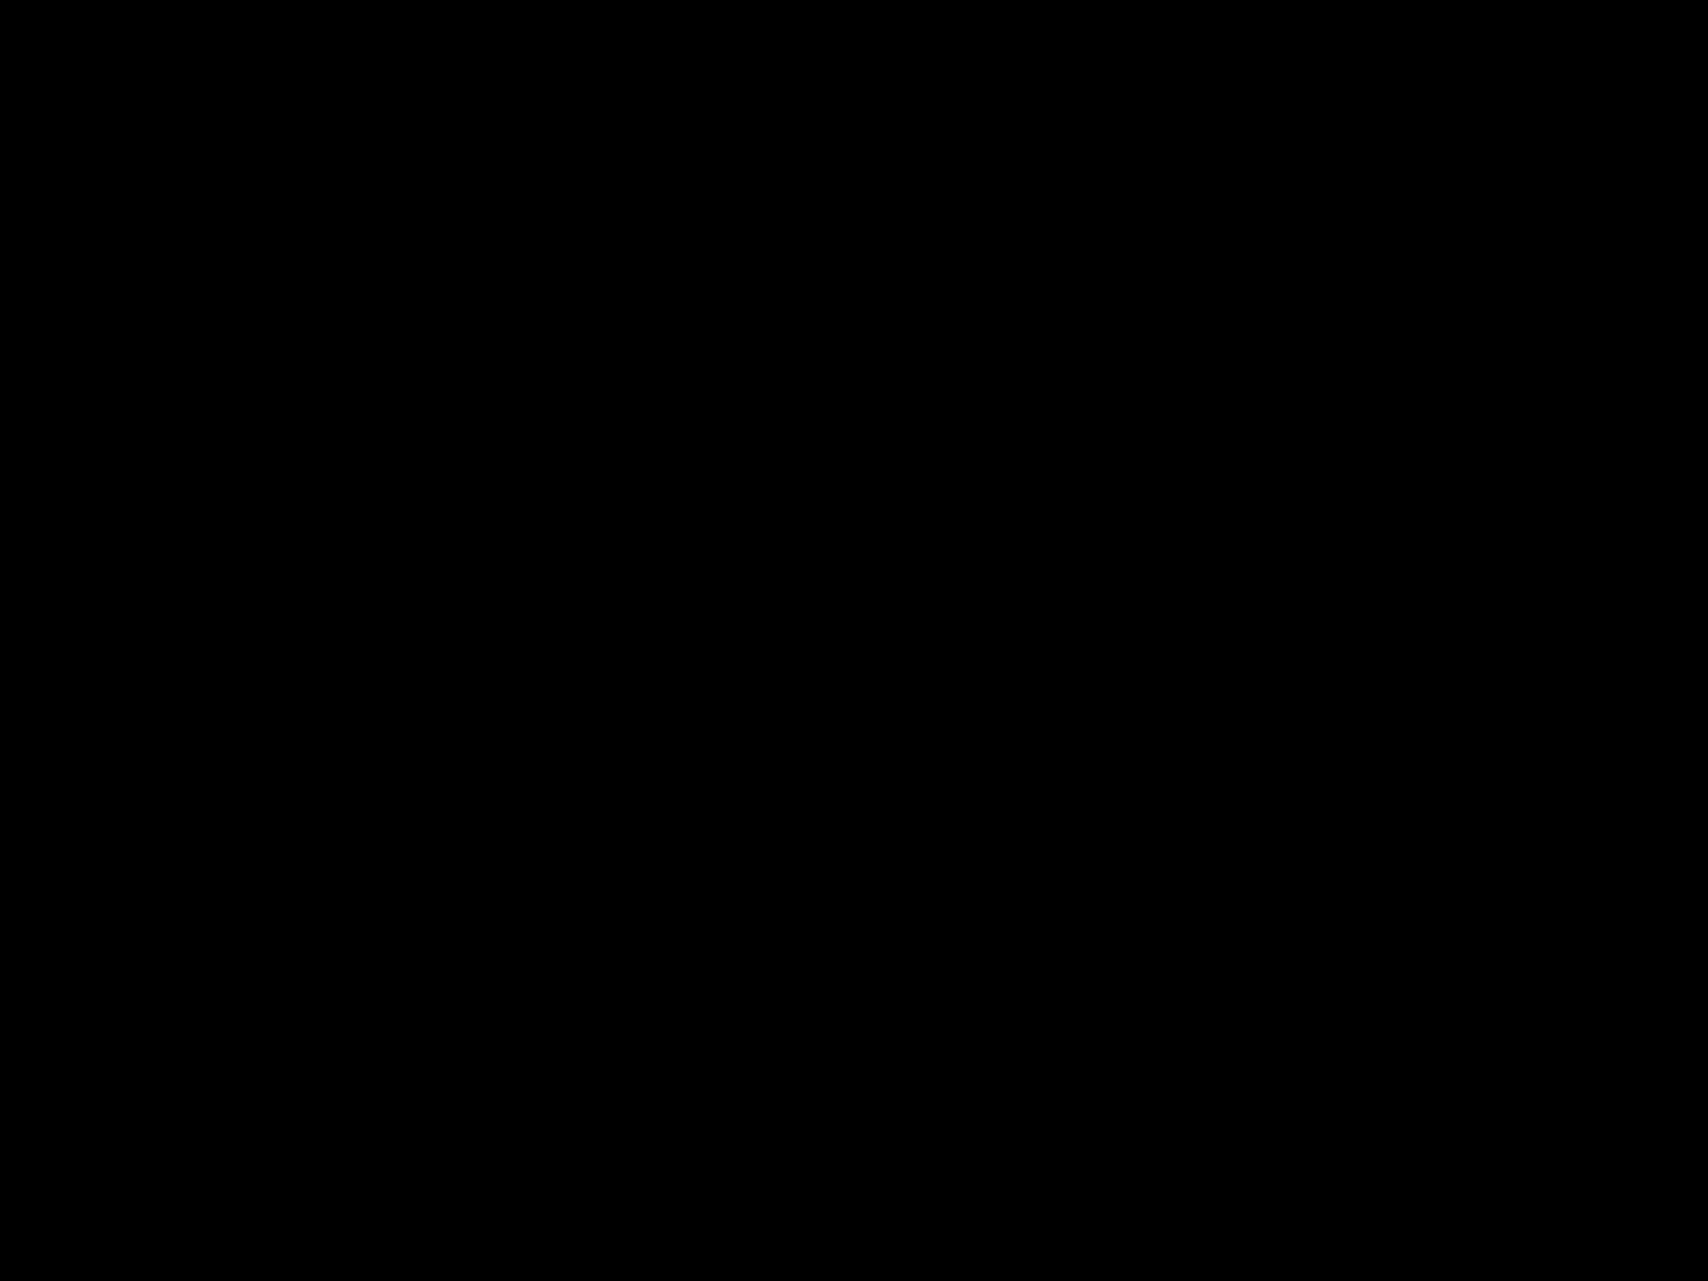 25844_11.jpg